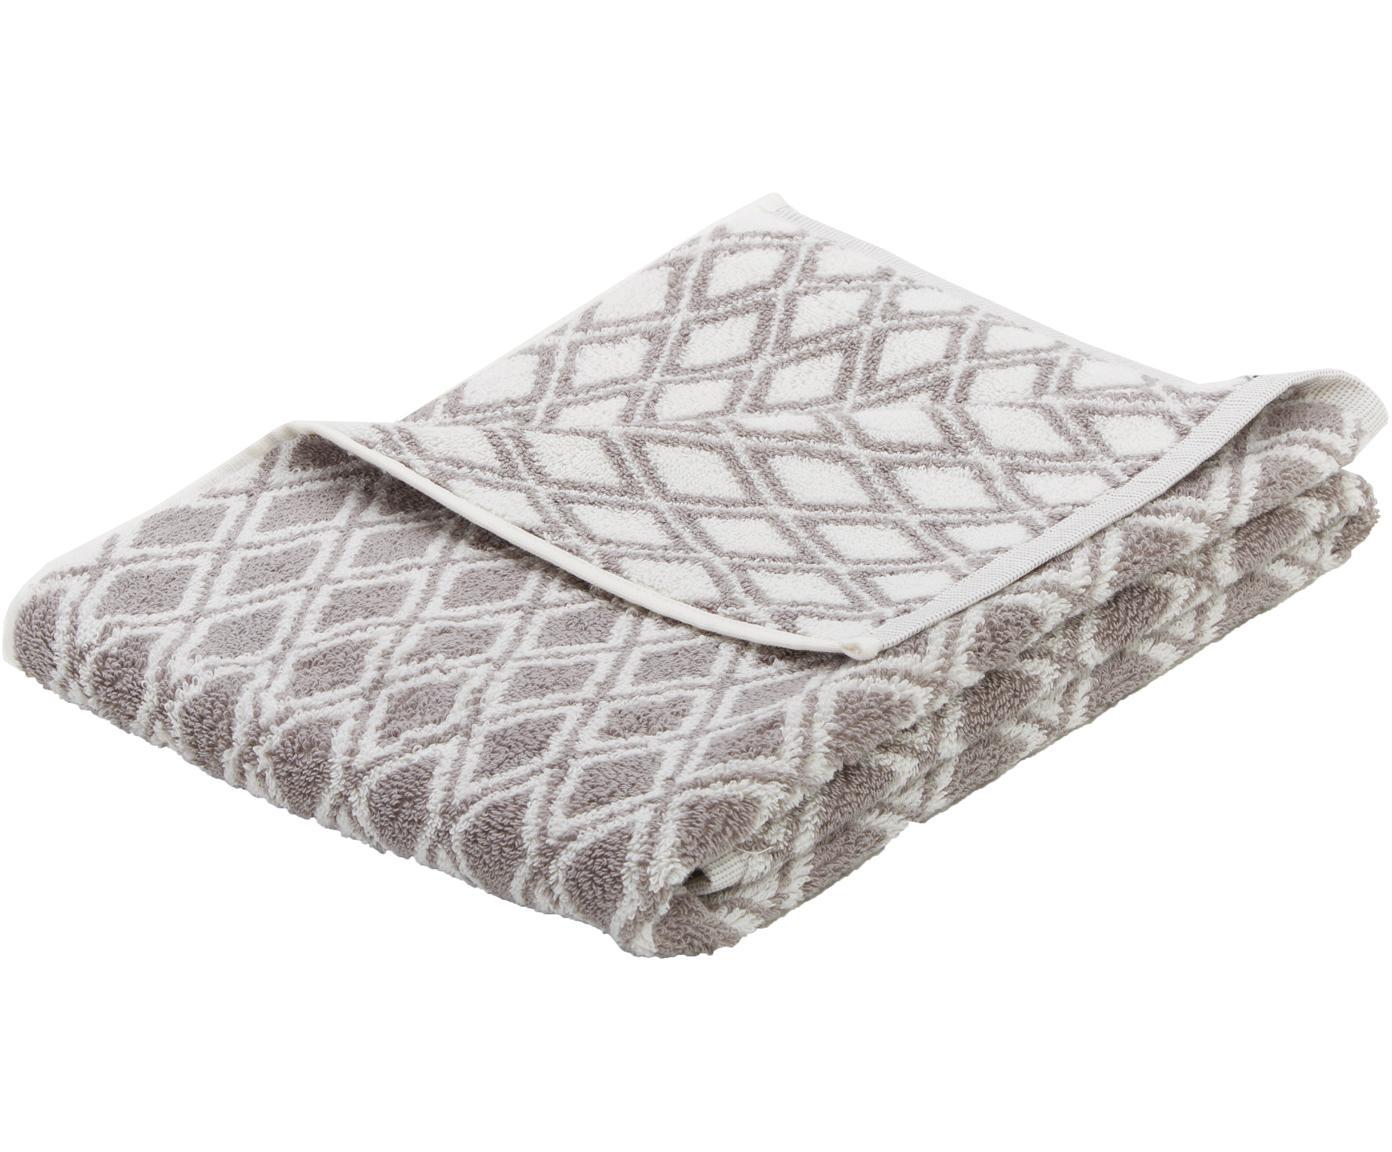 Wende-Handtuch Ava mit grafischem Muster, Taupe, Cremeweiß, Handtuch